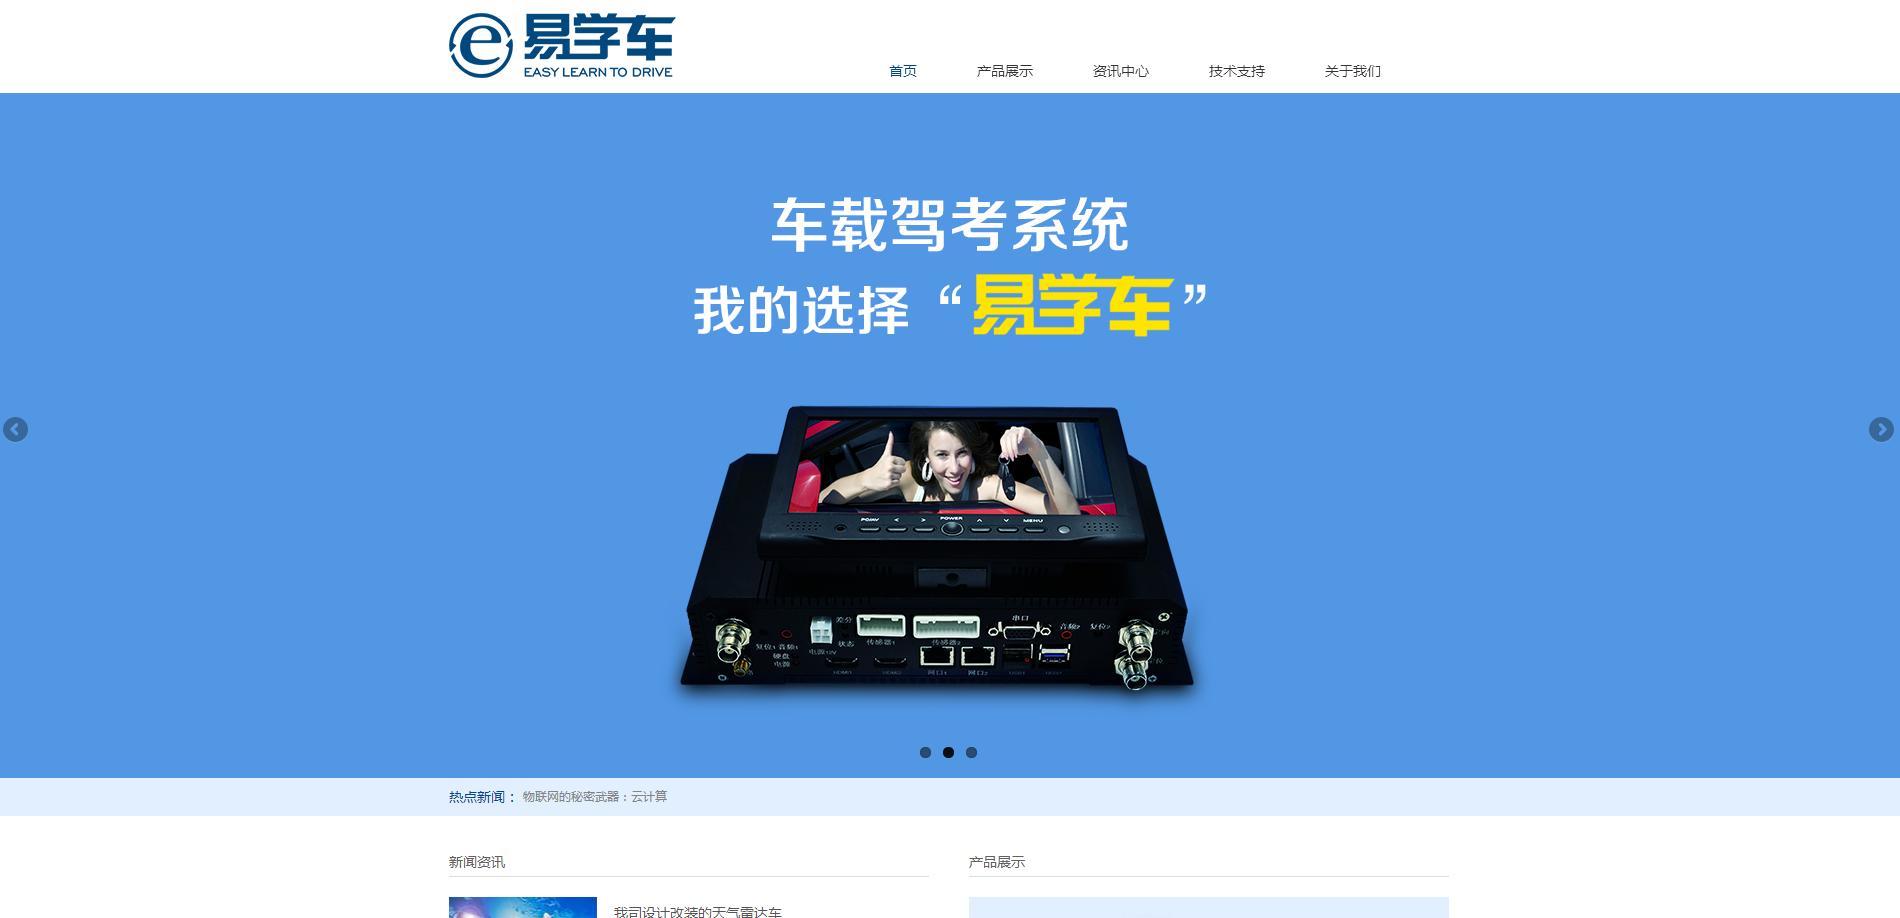 蓝色大气车载驾考企业官网模板下载